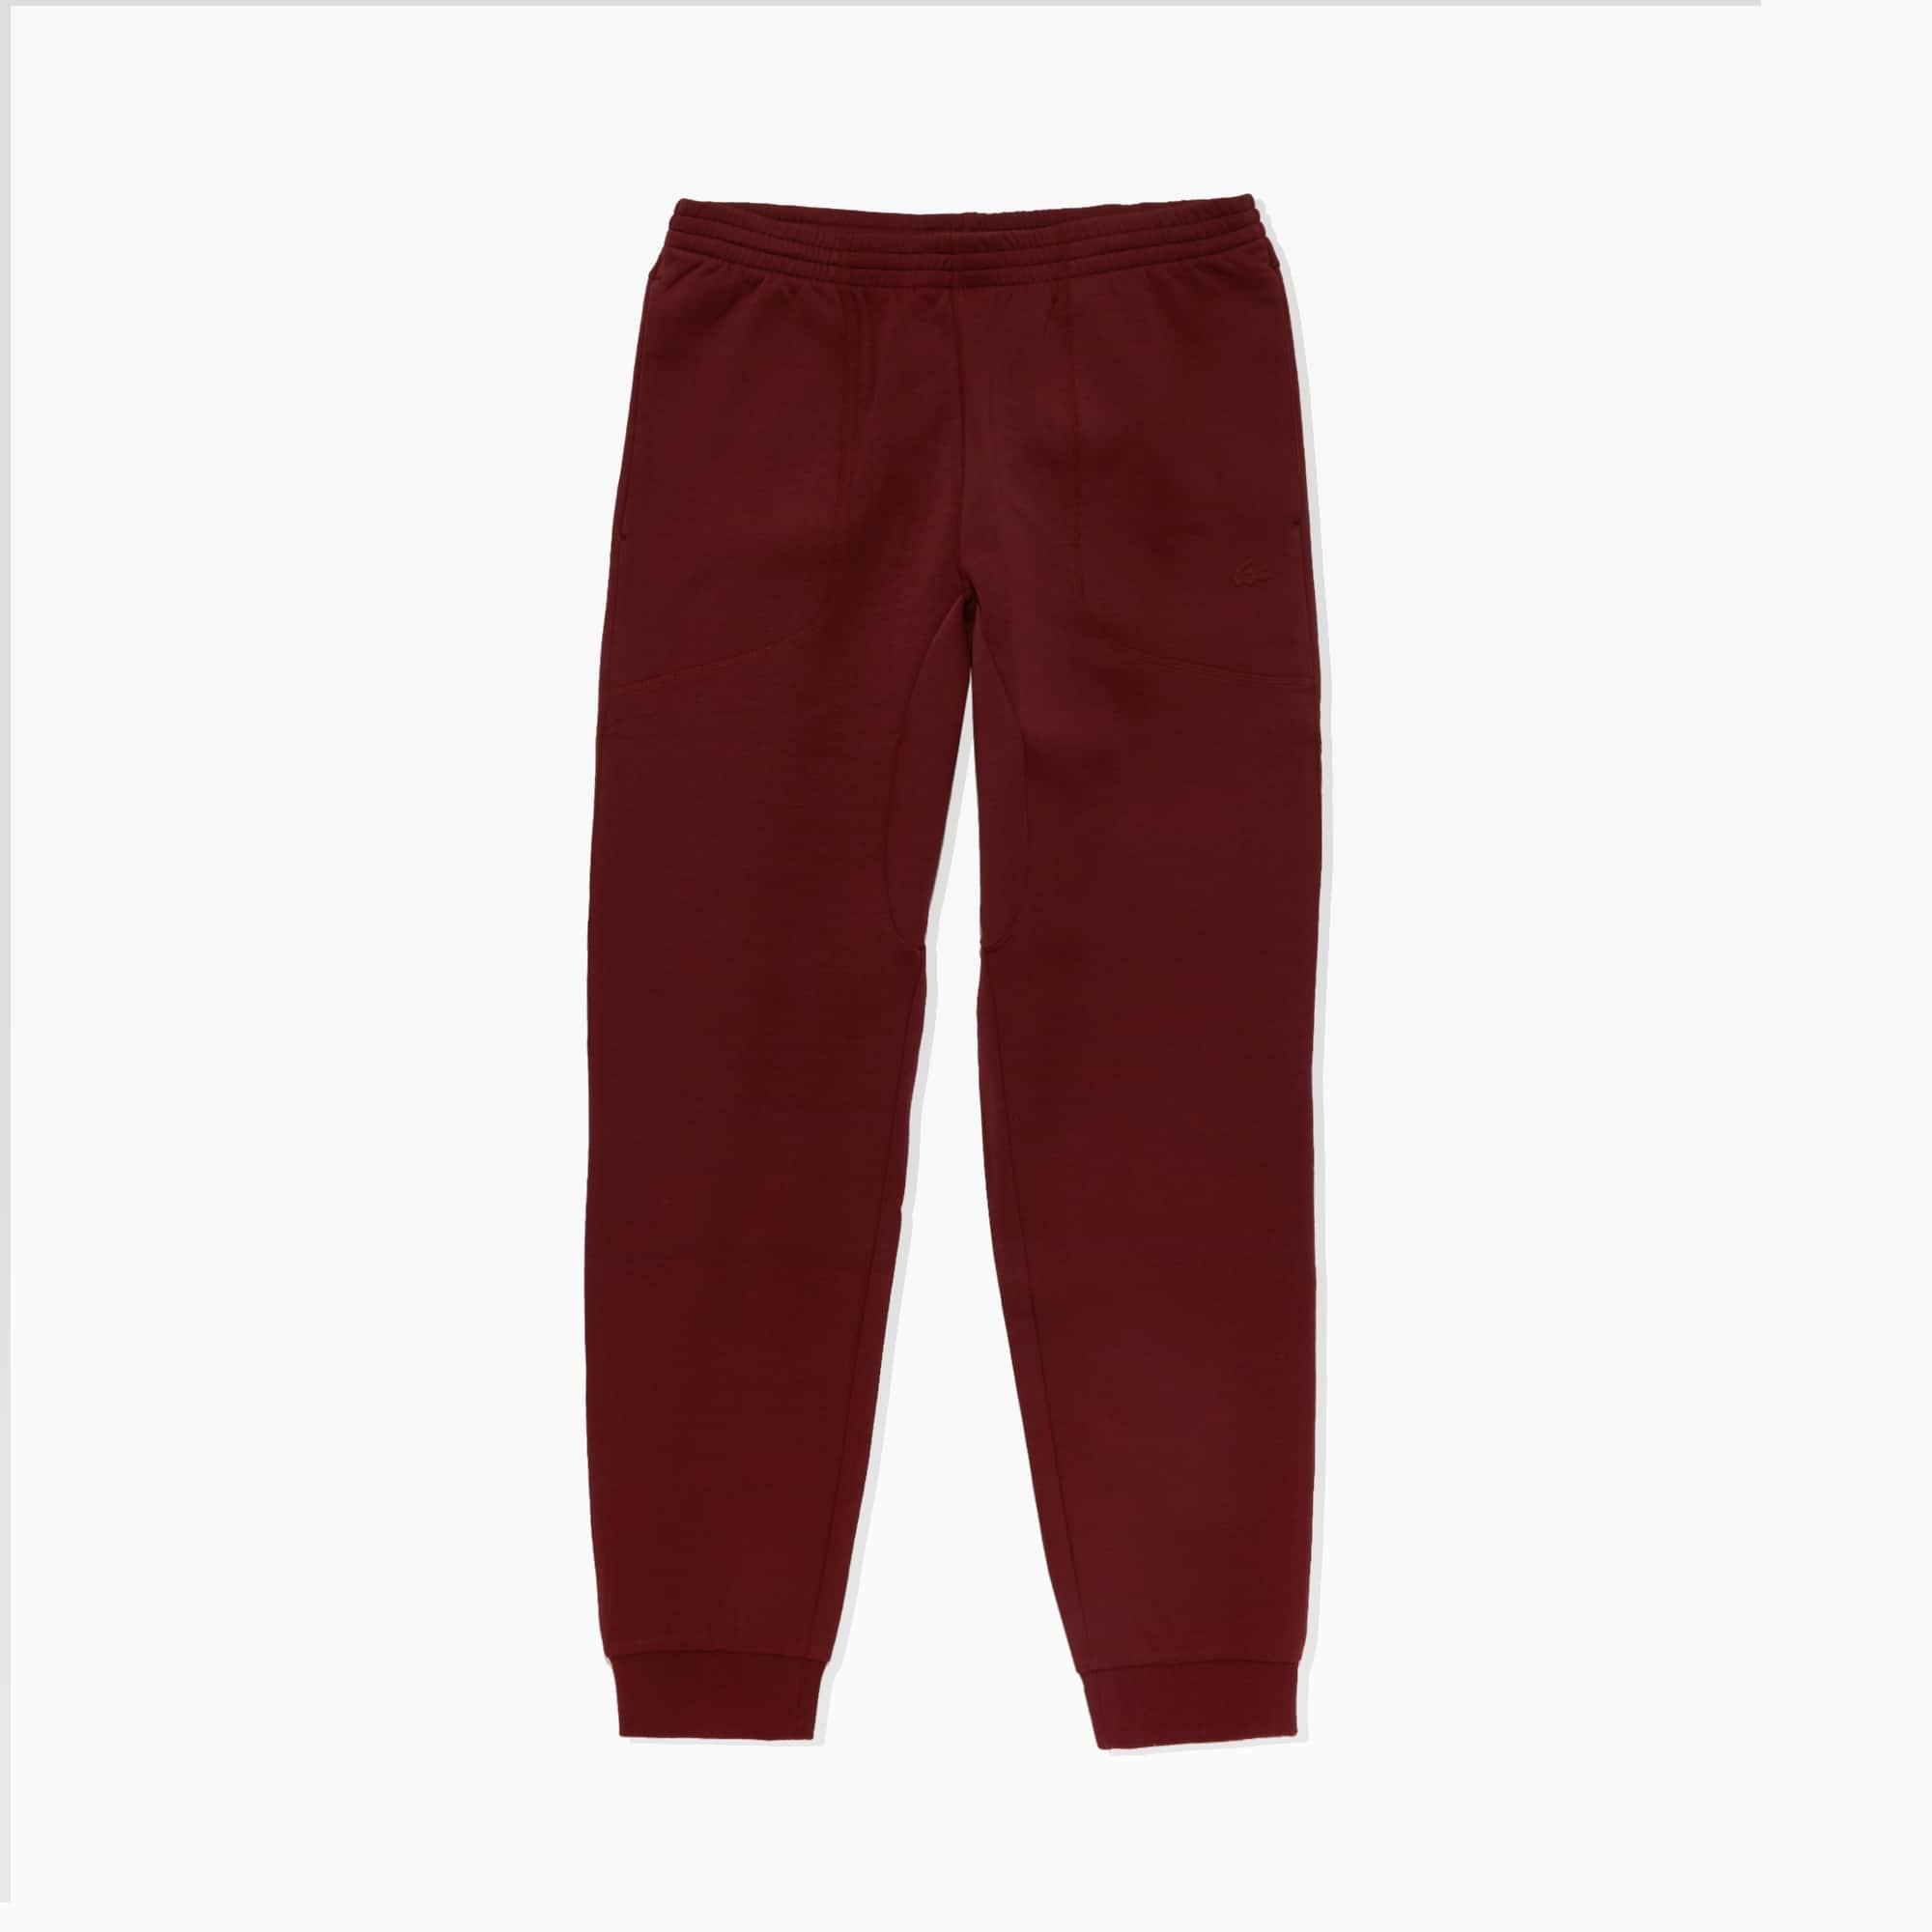 Men's Motion Cotton-Blend Sweatpants | LACOSTE